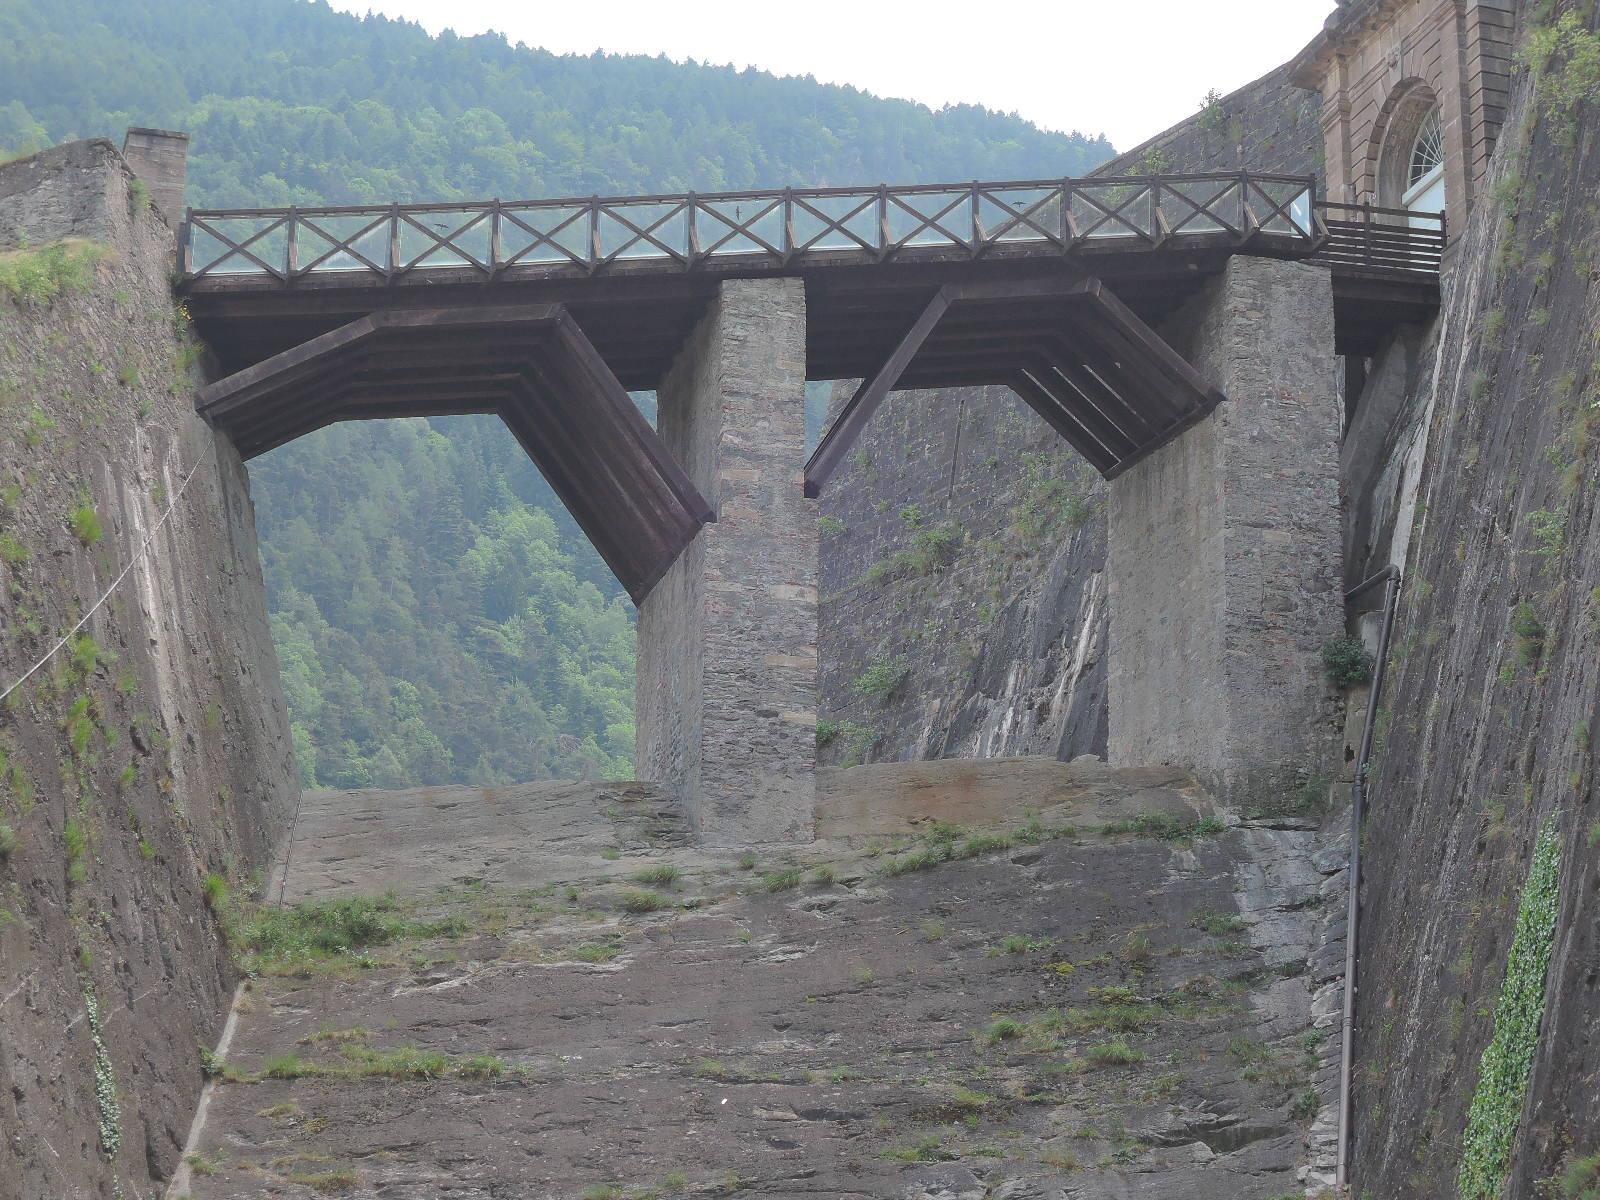 El puente de entrada a la fortaleza.